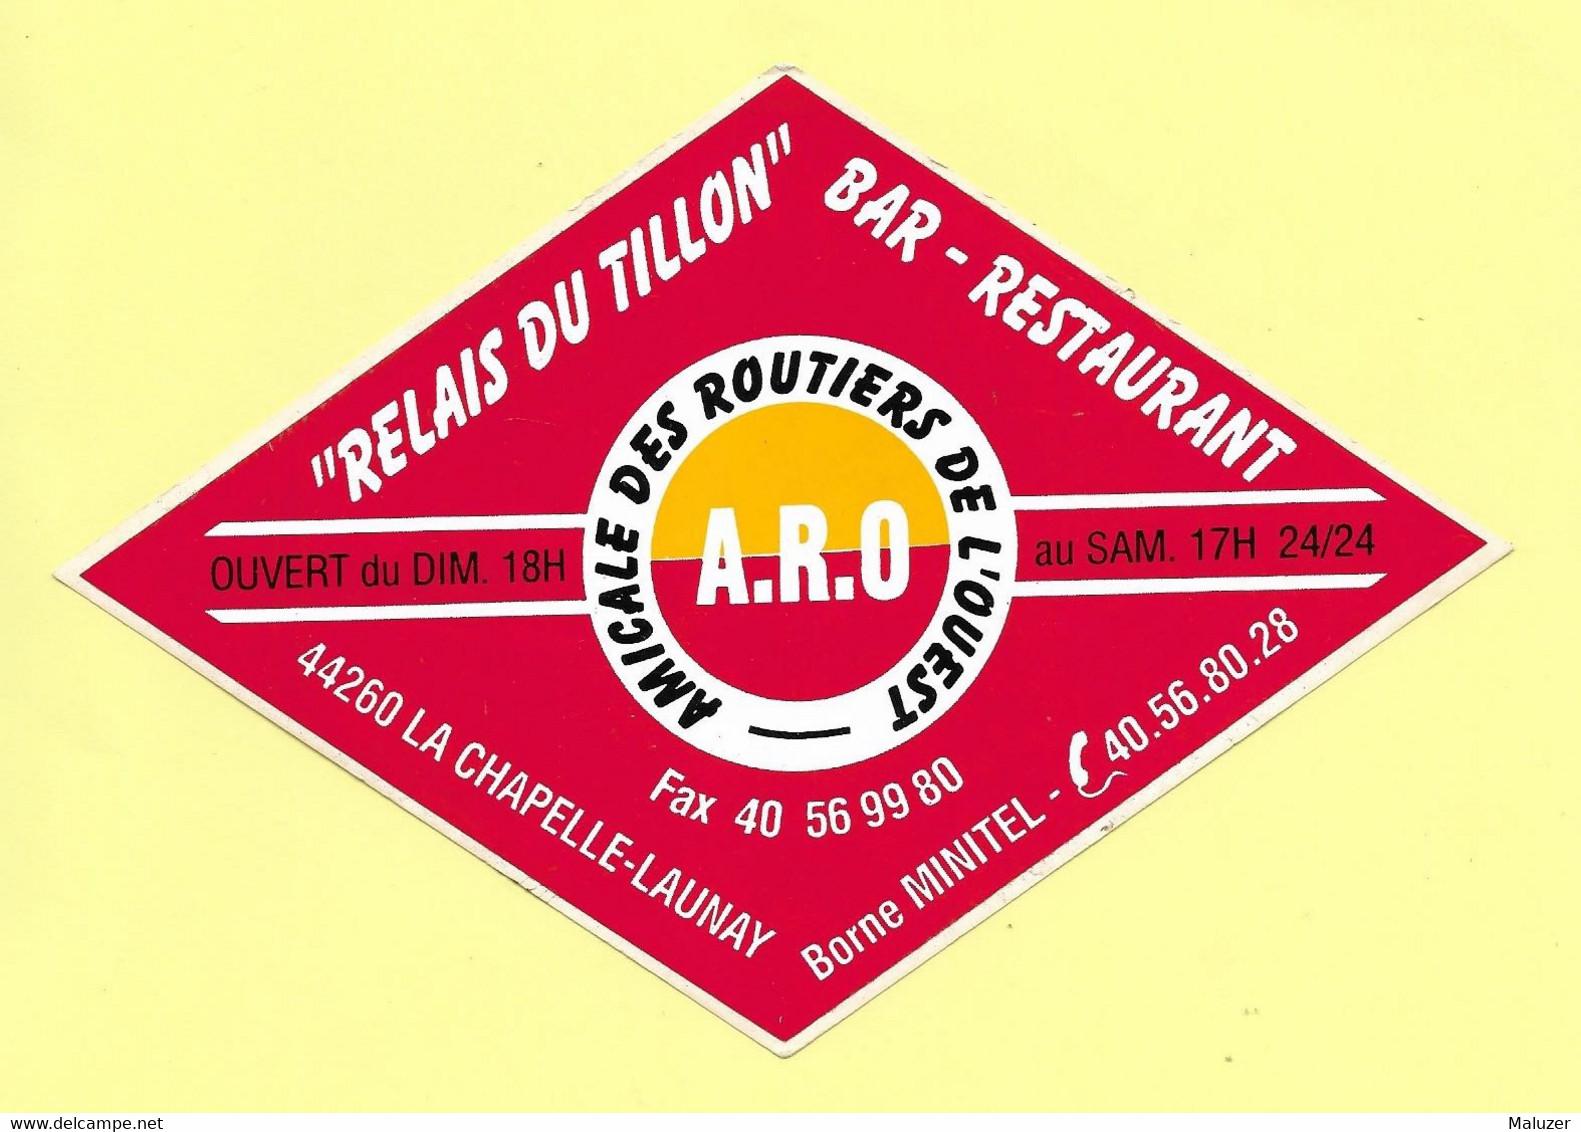 AUTOCOLLANT - RELAIS DU TILLON - BAR RESTAURANT 44260 LA CHAPELLE-LAUNAY - AMICALE ROUTIERS DE L'OUEST - BORNE MINITEL - Stickers